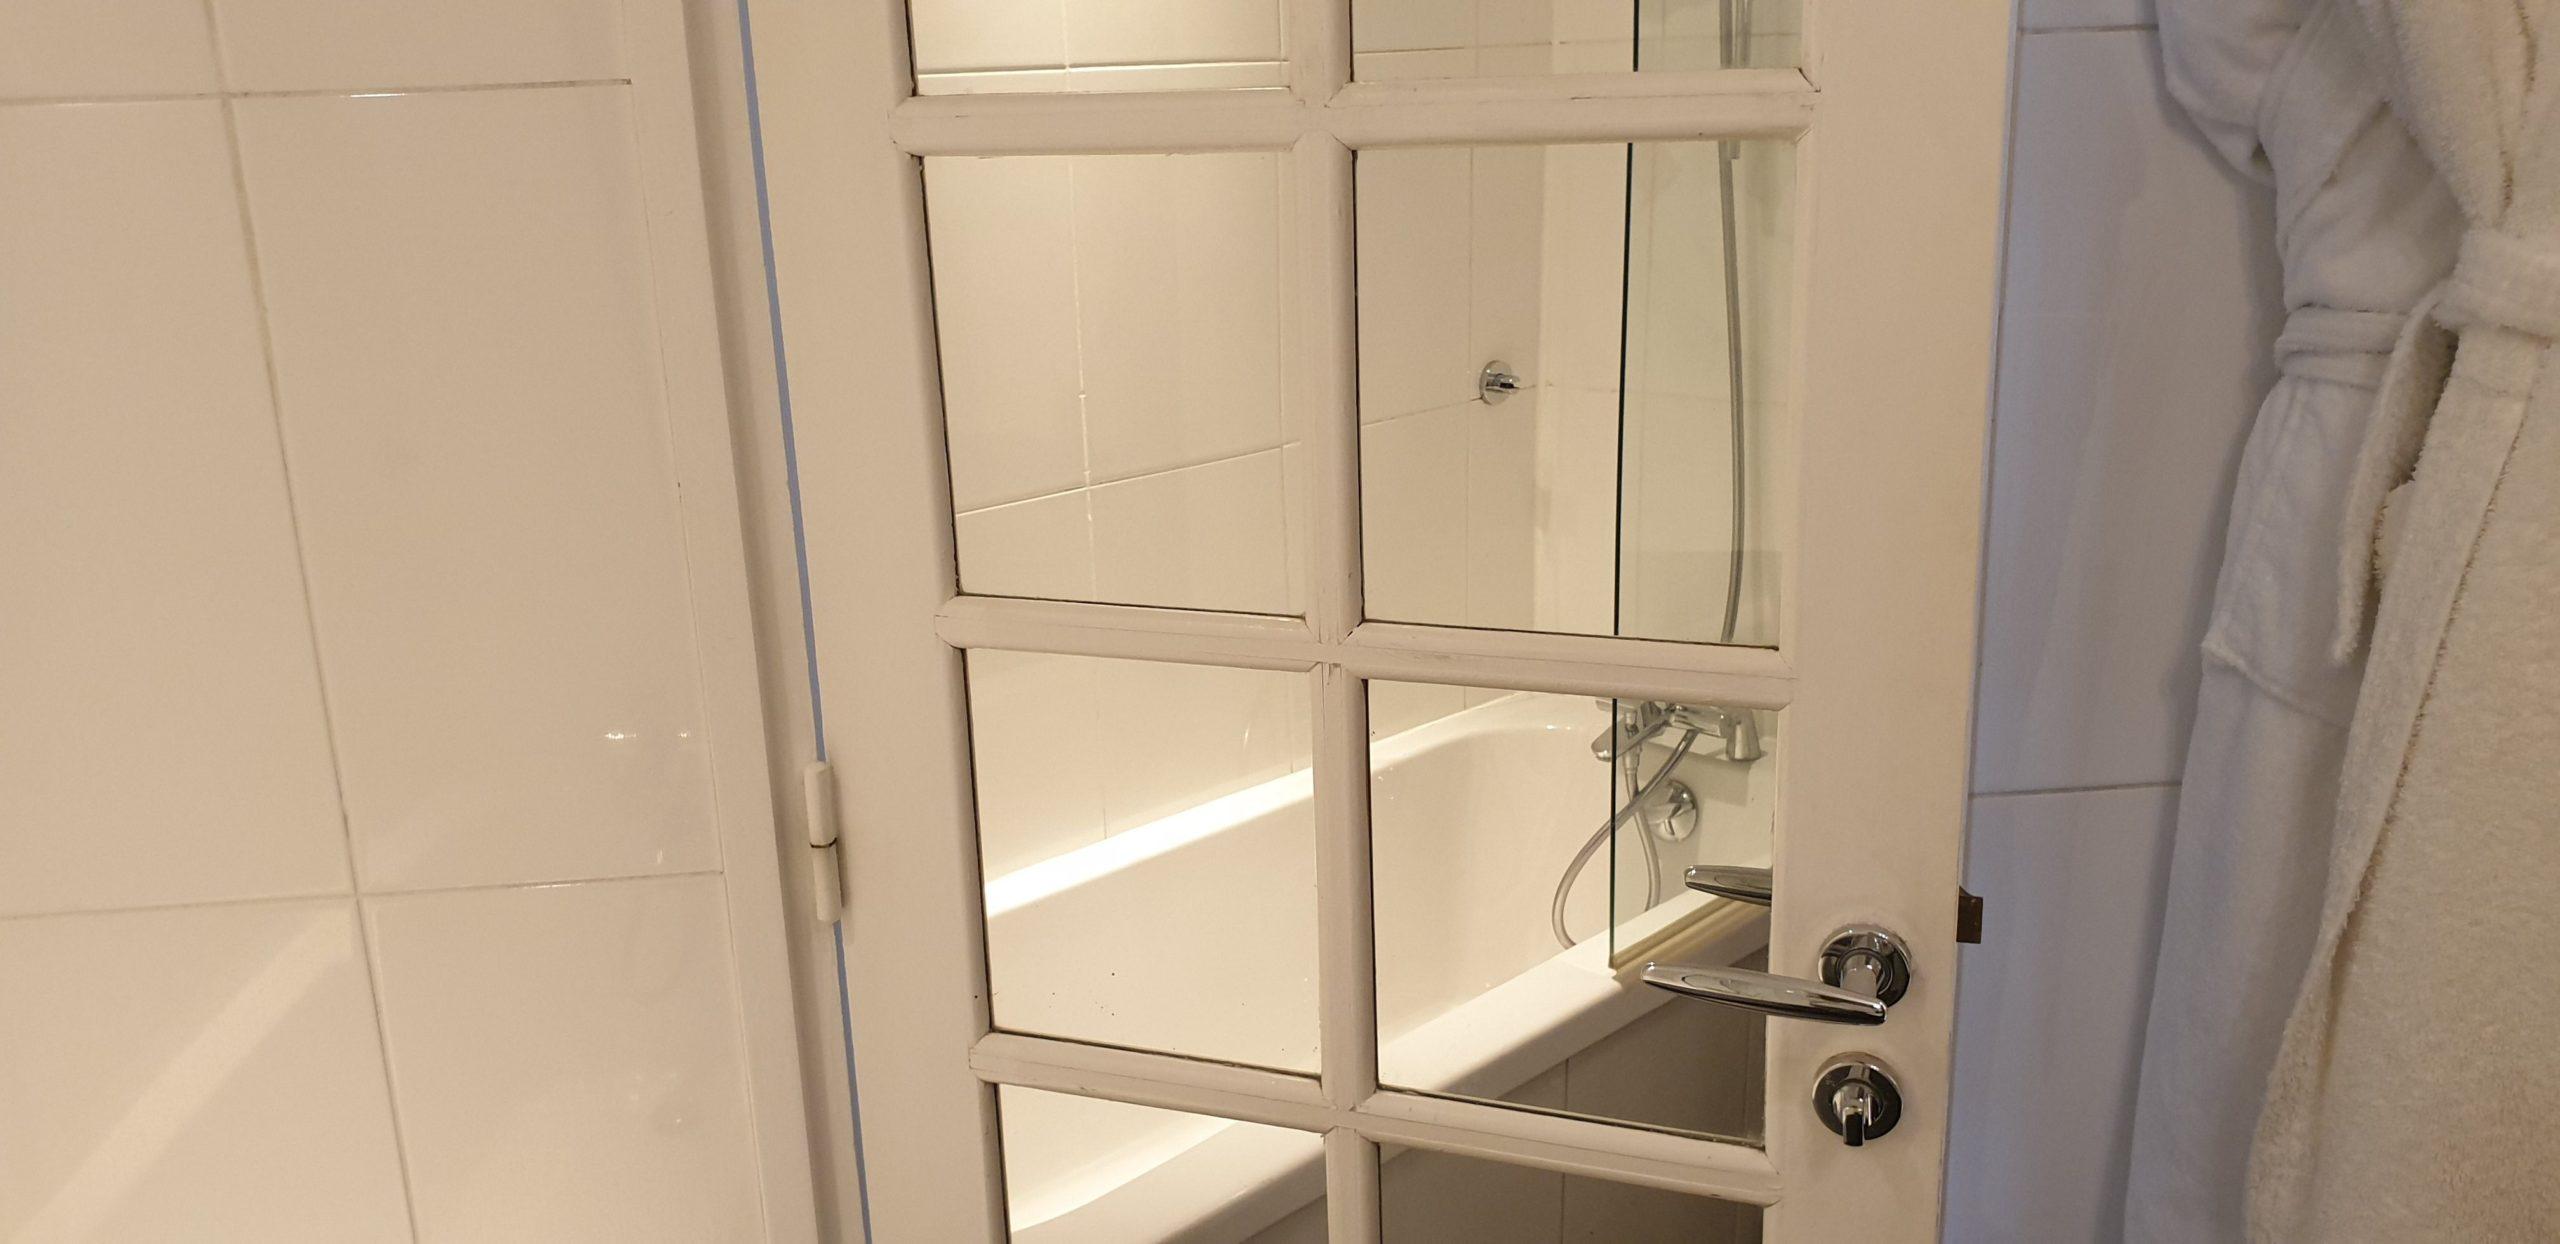 Salle de bain double supérieure 1- hôtel star champs-élysées